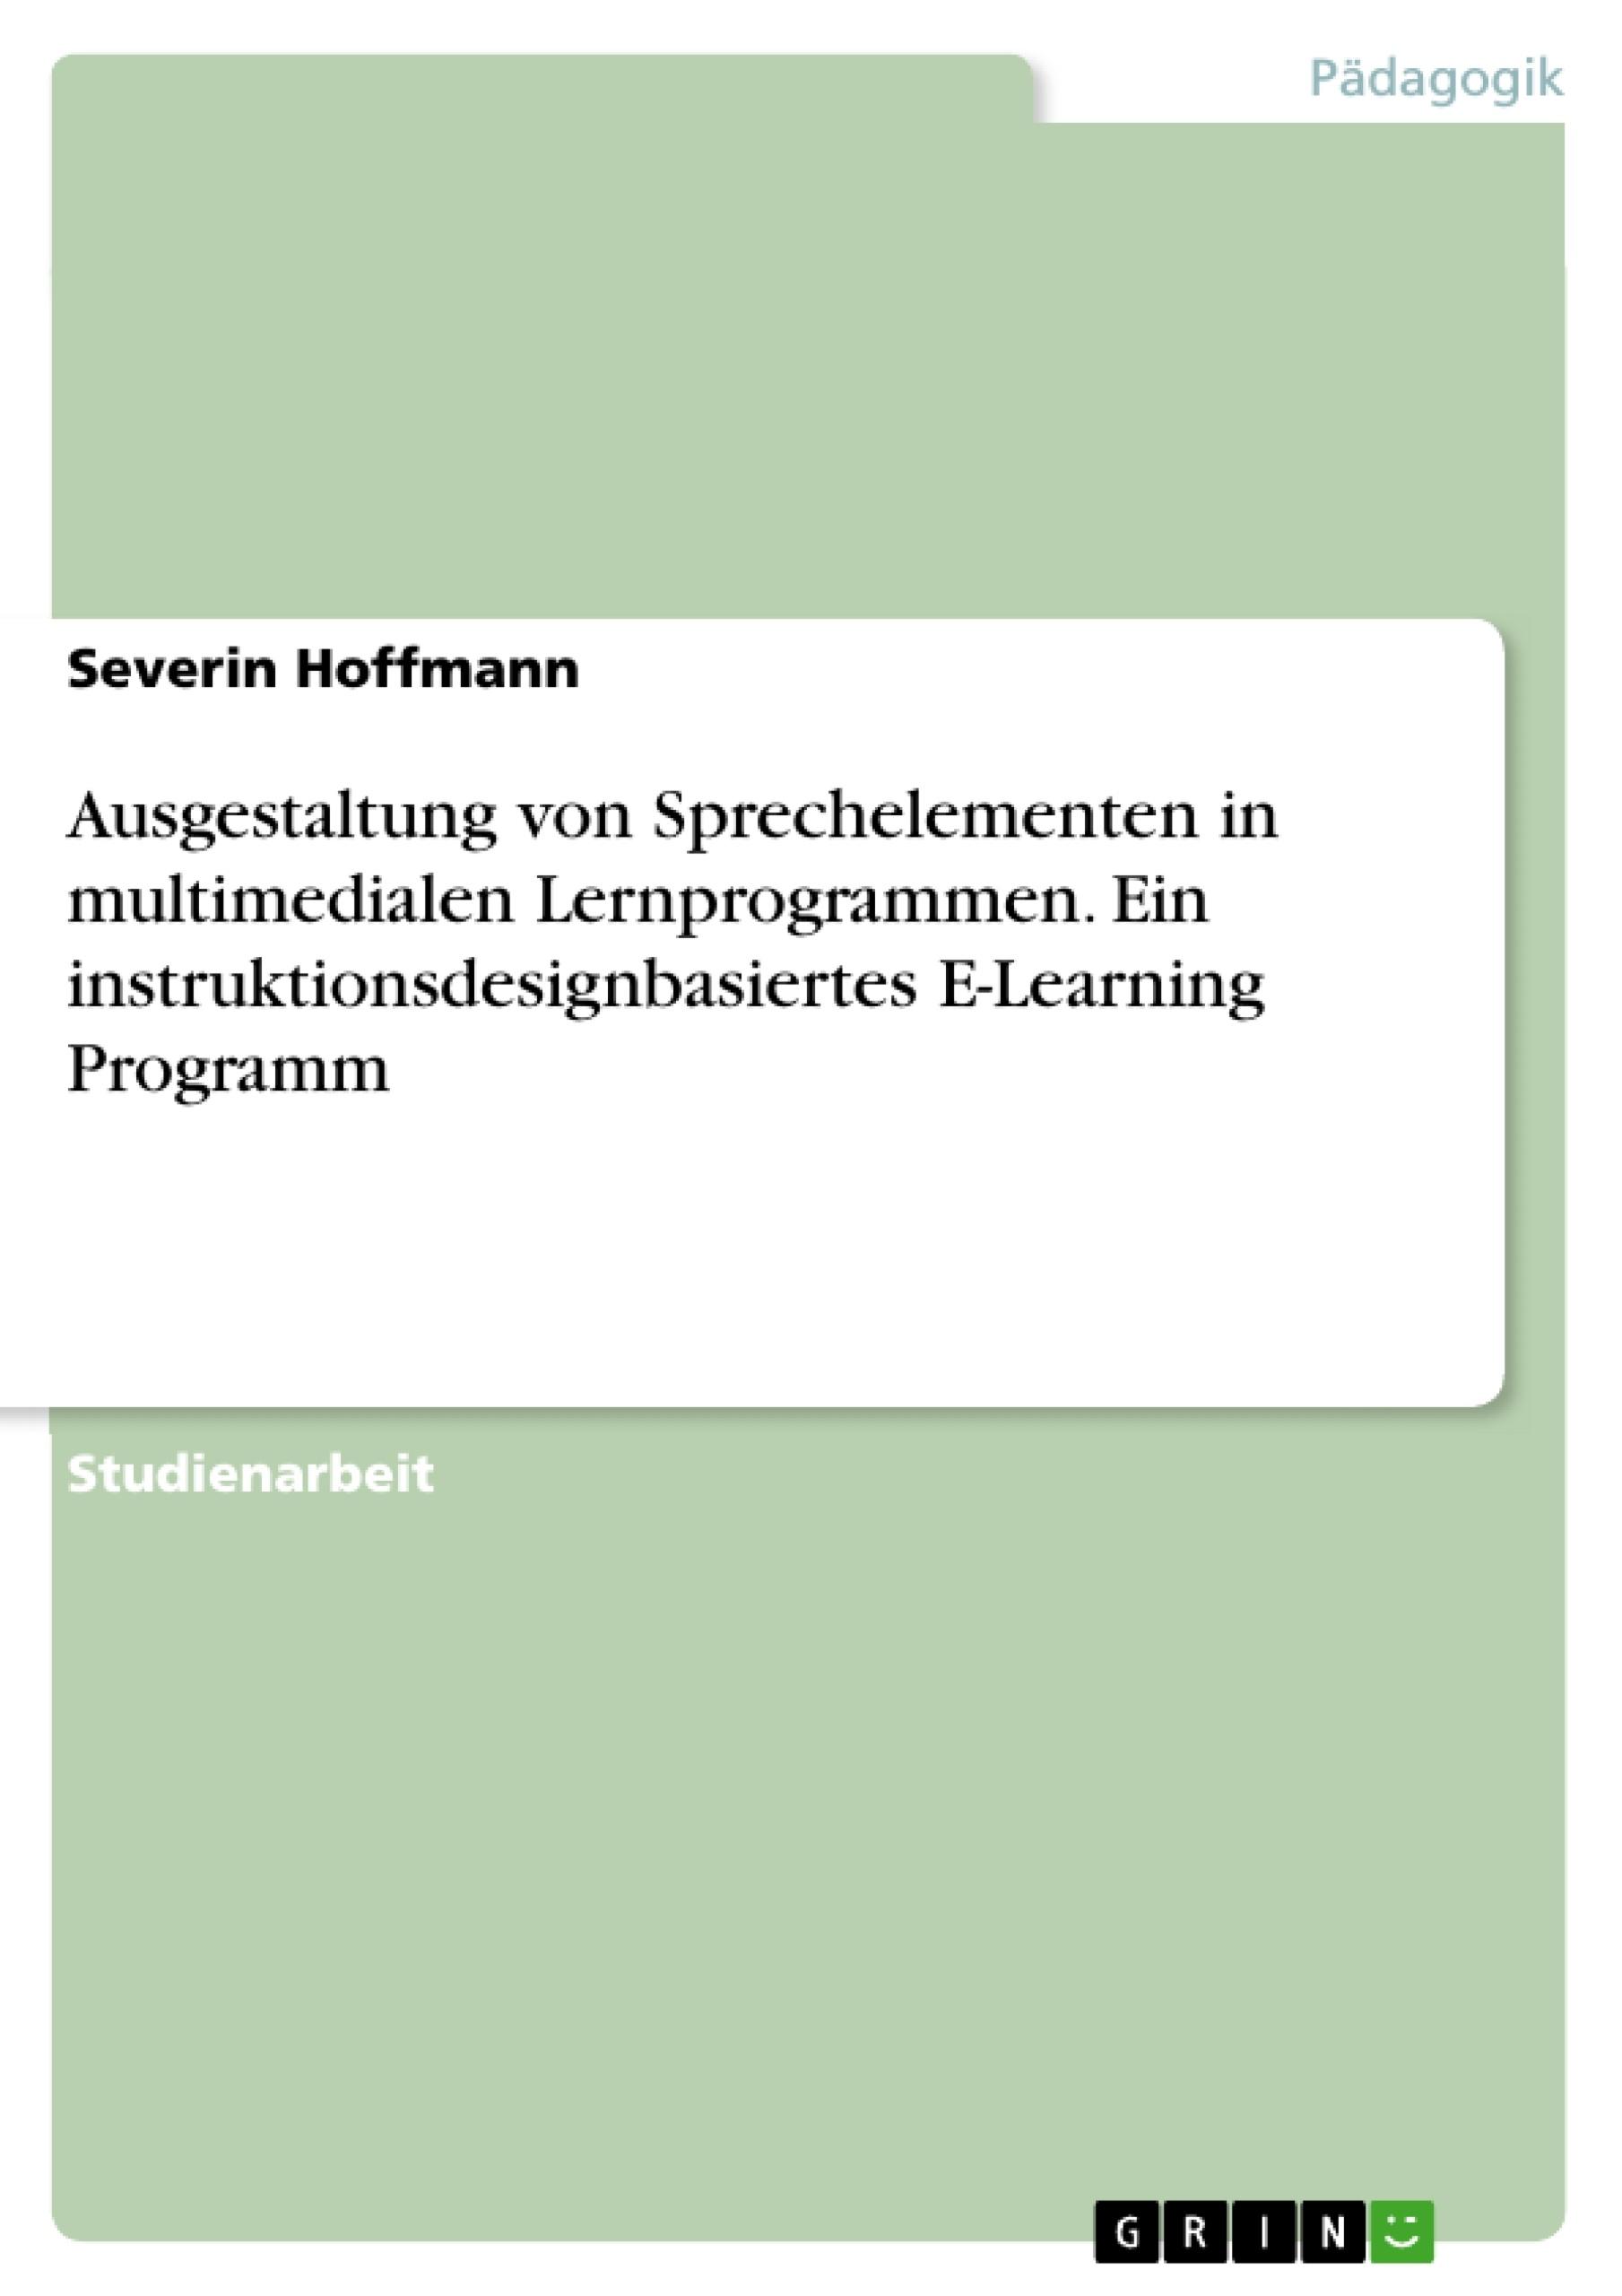 Titel: Ausgestaltung von Sprechelementen in multimedialen Lernprogrammen. Ein instruktionsdesignbasiertes E-Learning Programm